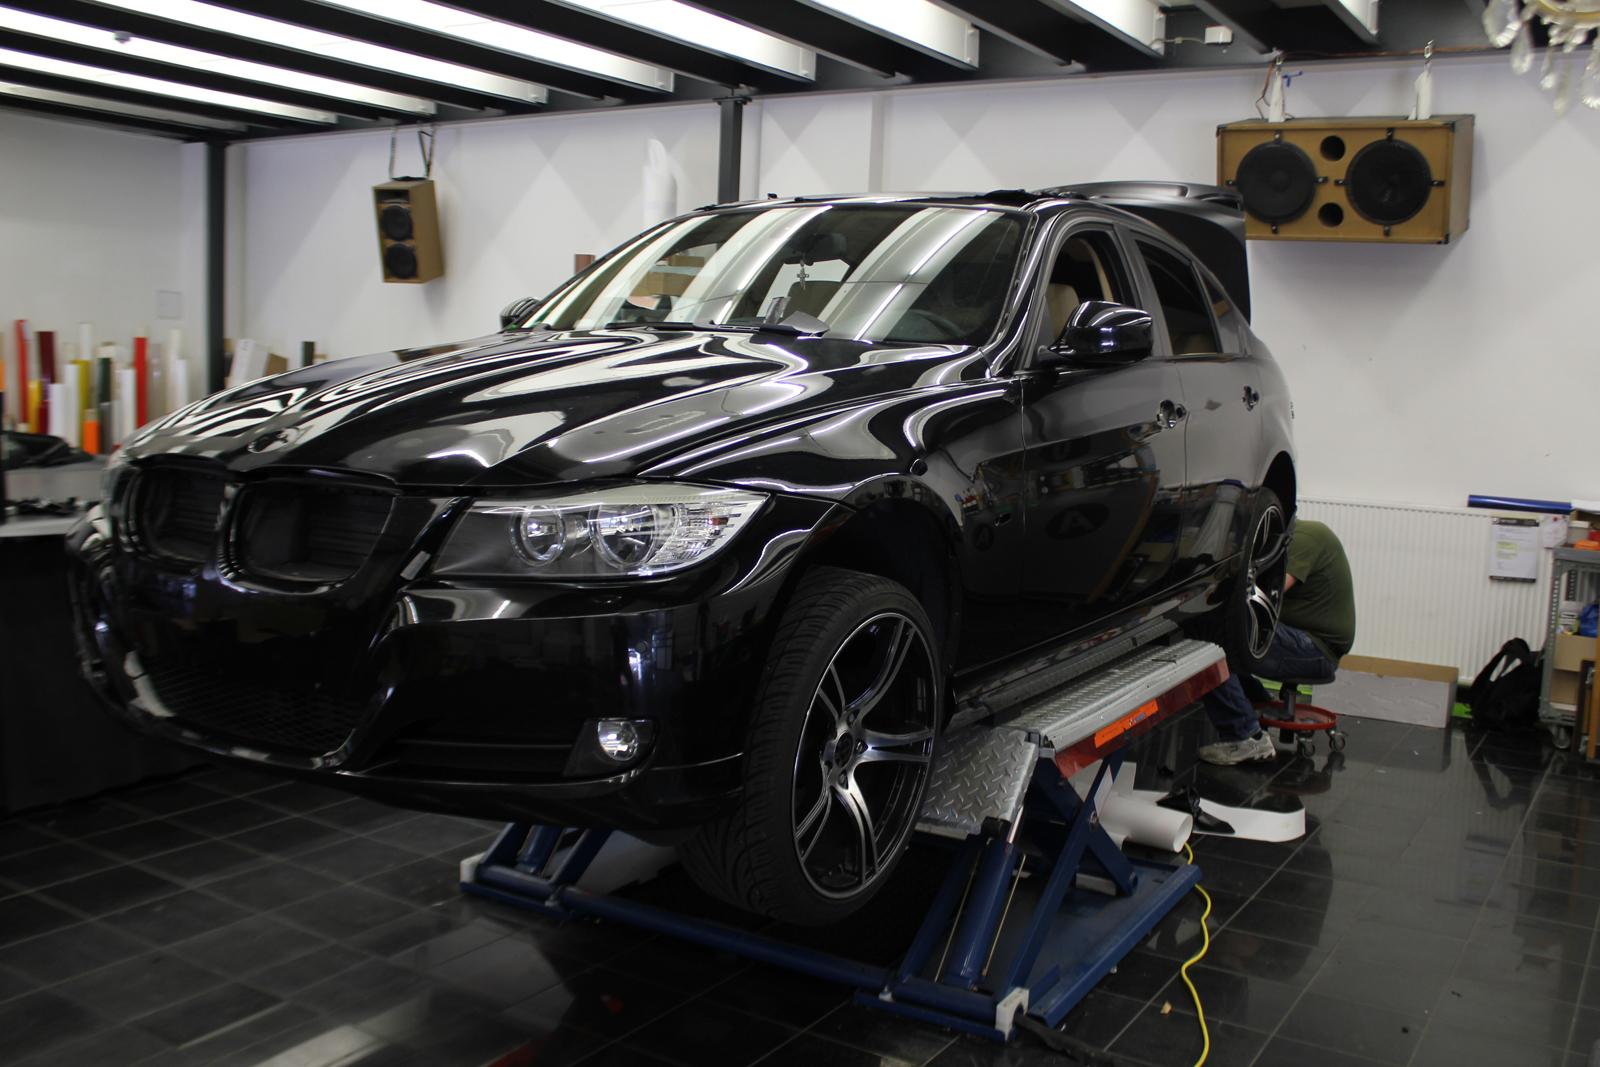 BMW_3ER_FOLIERUNG_MIDNIGHTBLACK_METALLIC_MATT_01